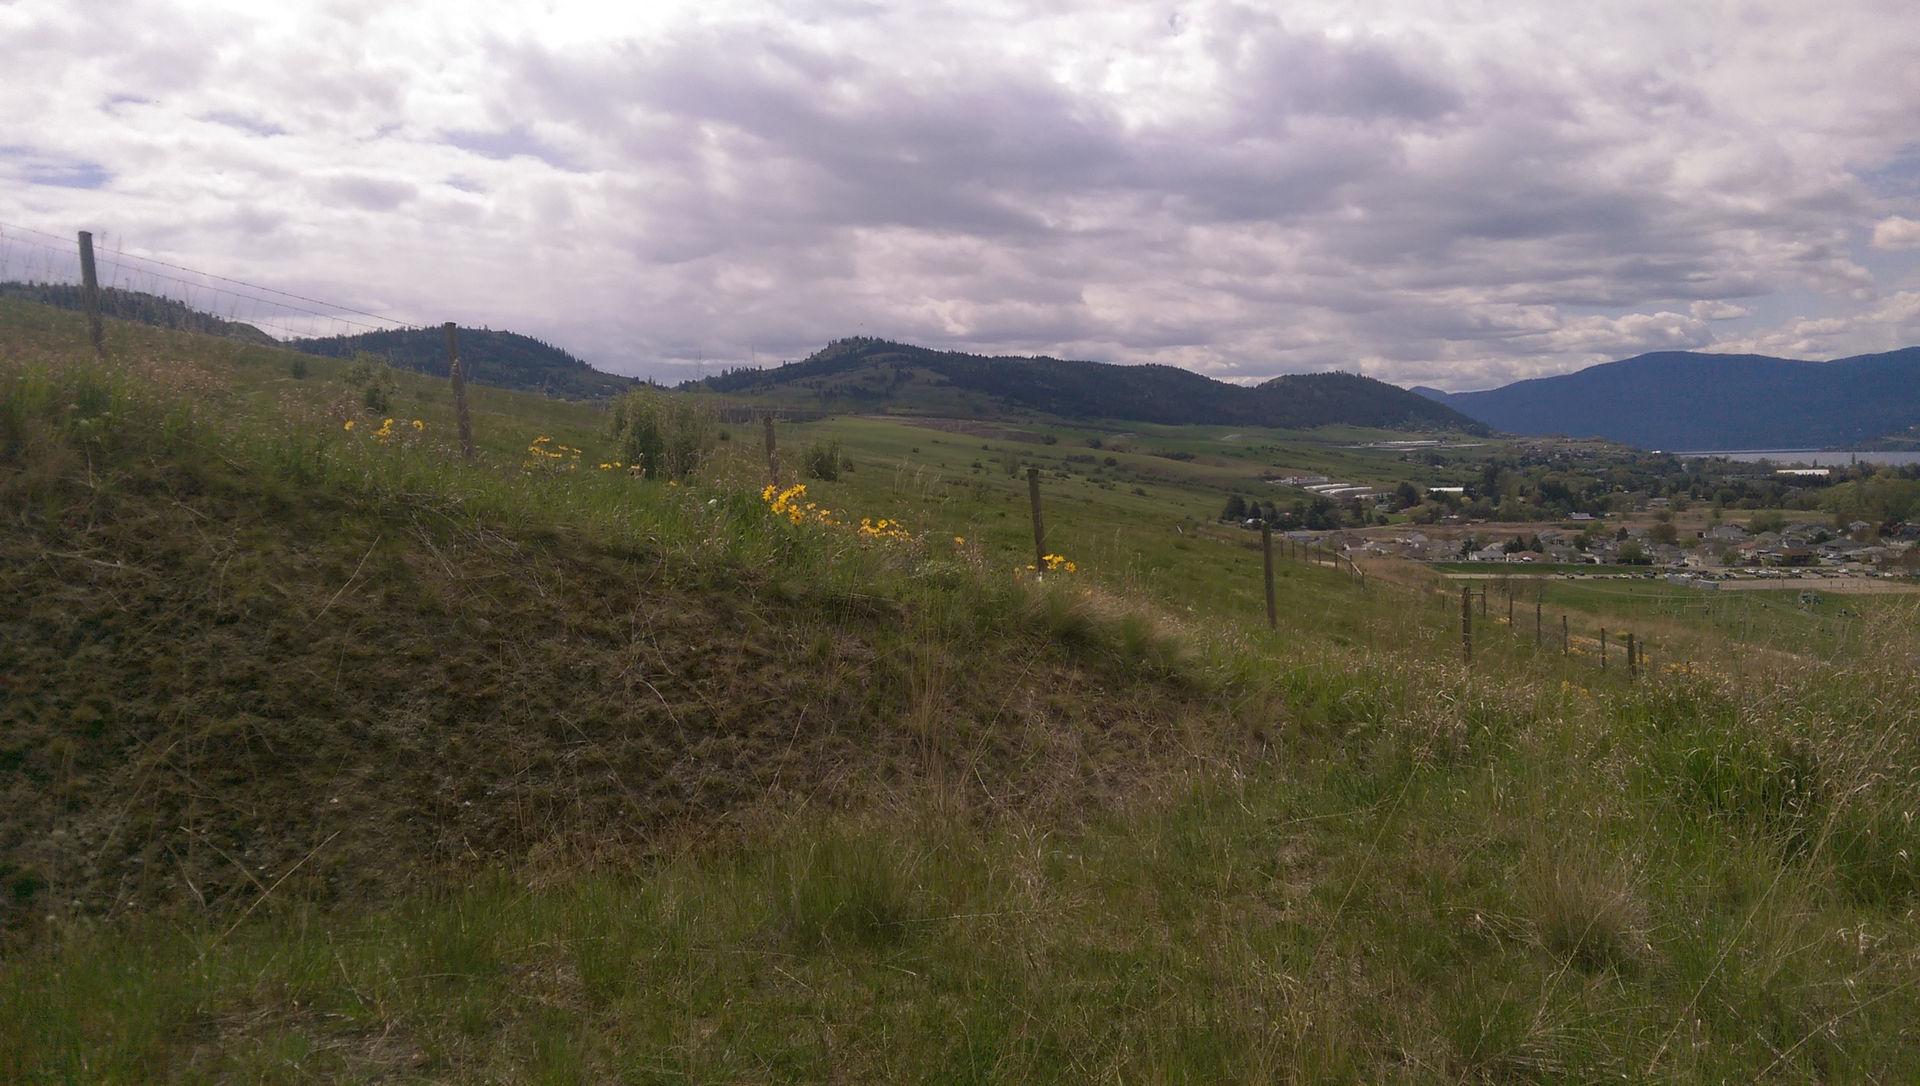 Vernon grasslands